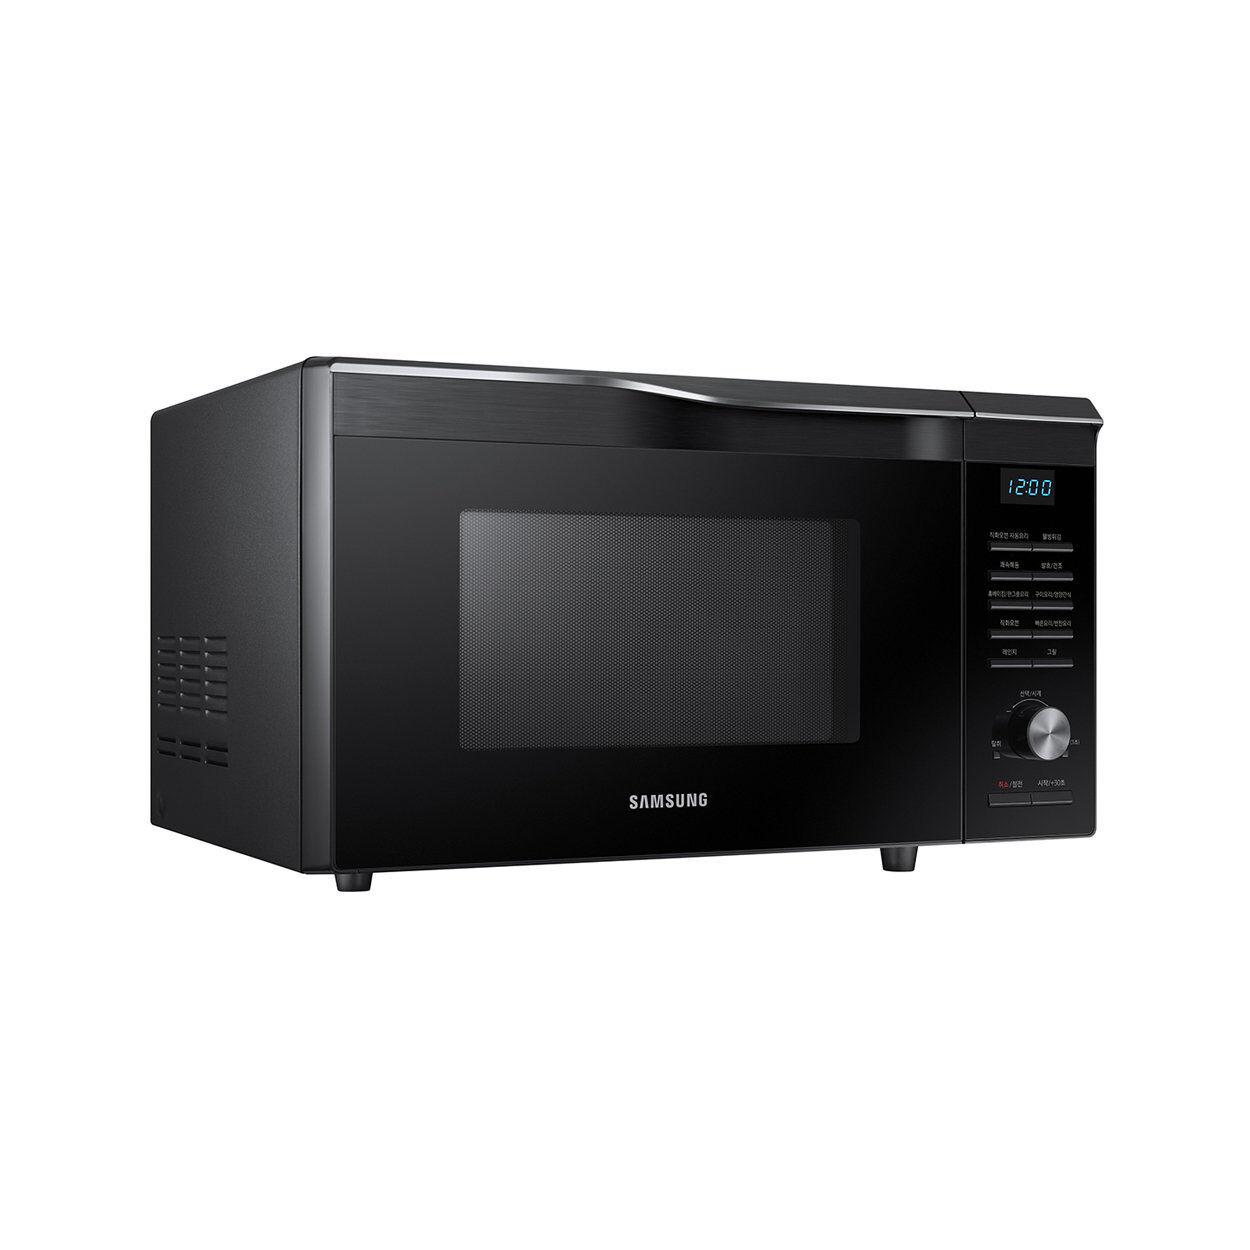 Samsung Microonde 28L Combinato Hotblast™ Cotture da Chef in tempi imbattibili, nero